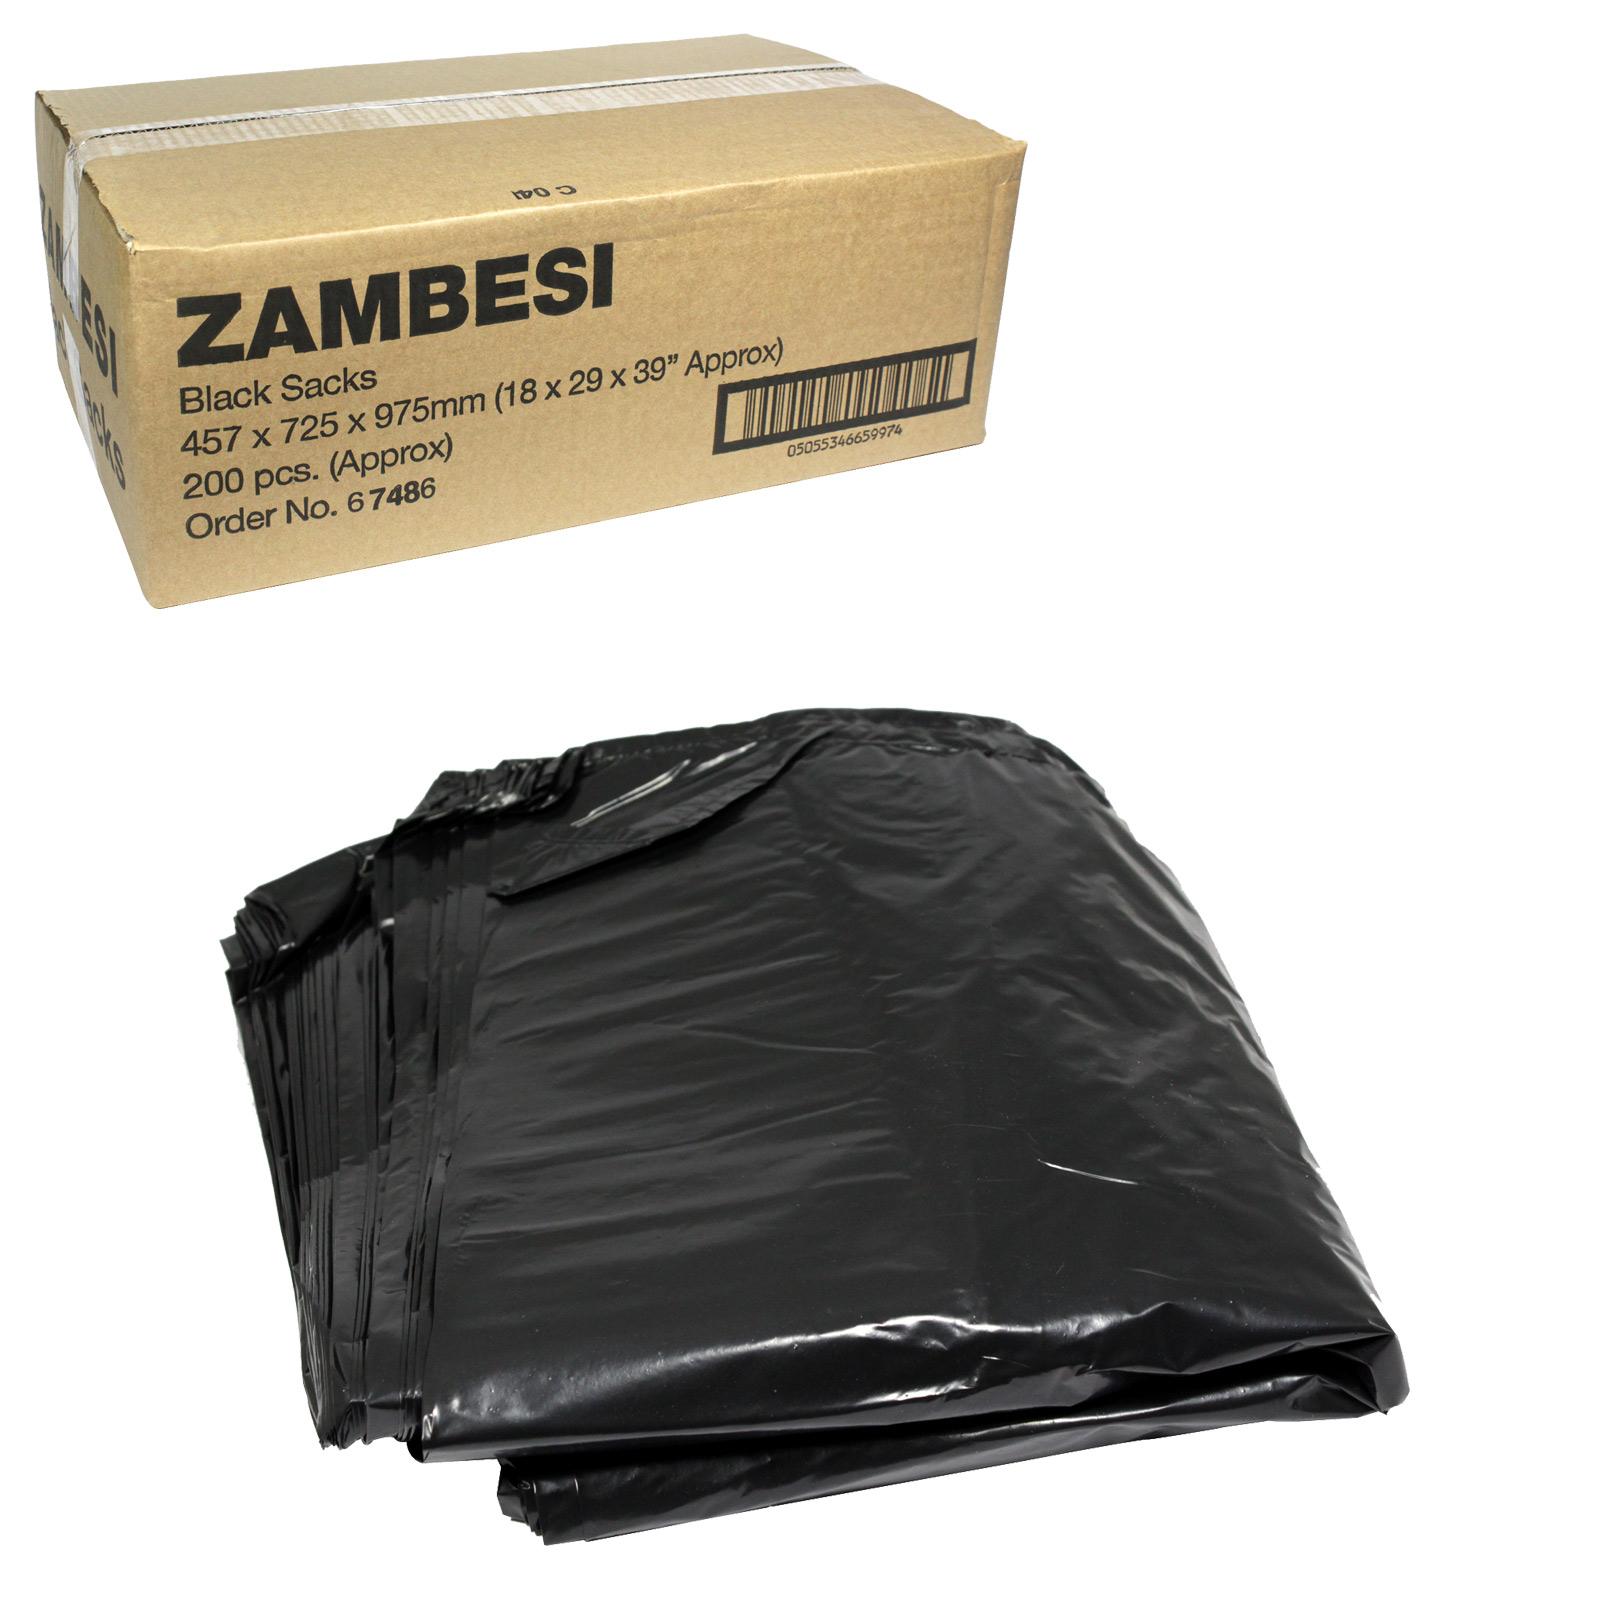 ZAMBESI BLACK SACKS EXTRA HEAVY DUTY 18X29X39X45 MICRON X200